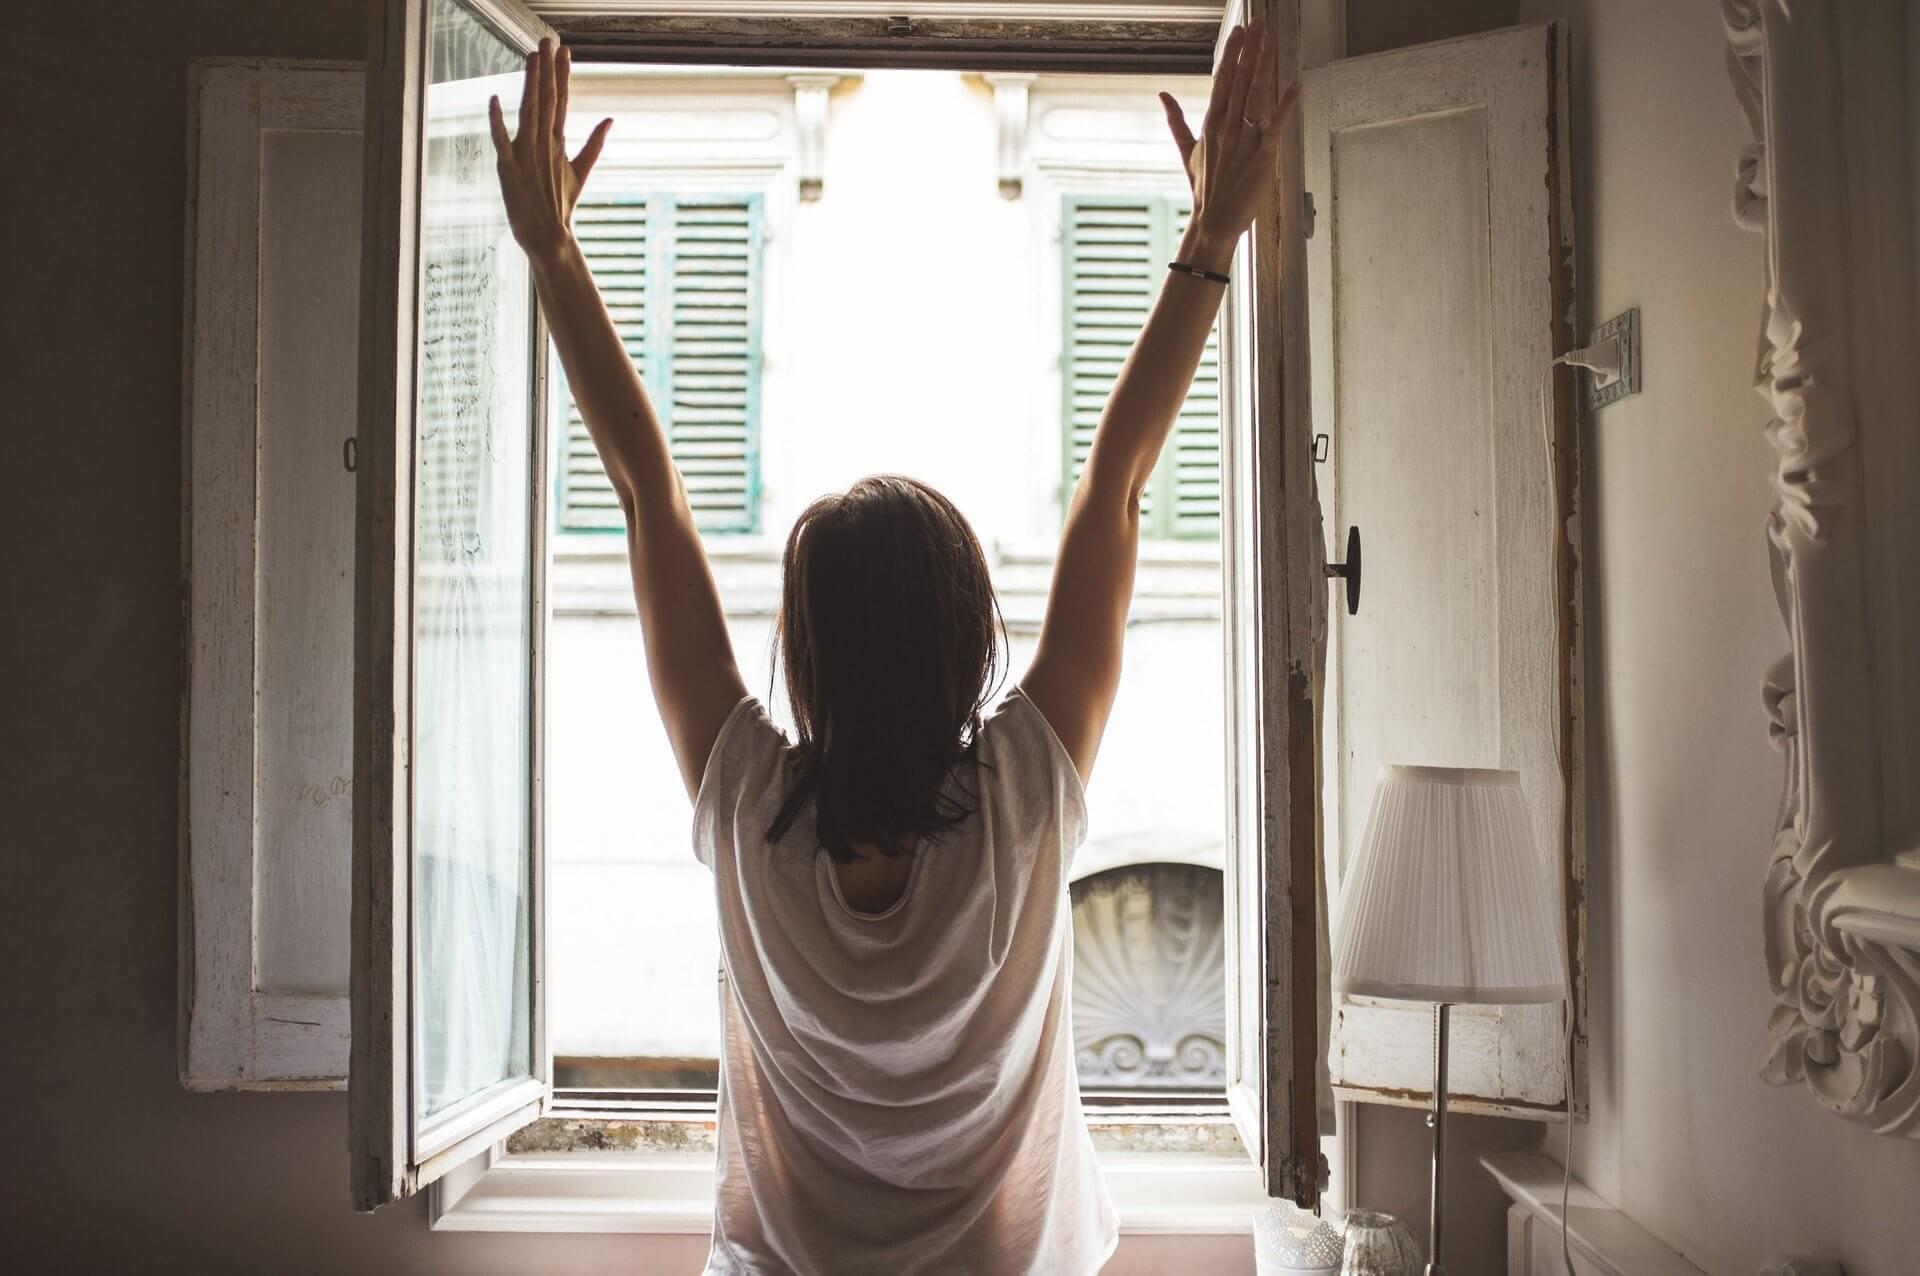 poranek, rano, przebudzenie, woda, picie wody, zdrowie, zdrowy styl życia, joga, sport, gimnastyka, ćwiczenia, spokój, jak wstawać, jak spędzić poranek, jak wstawać wcześniej, budzik, spanie, sen